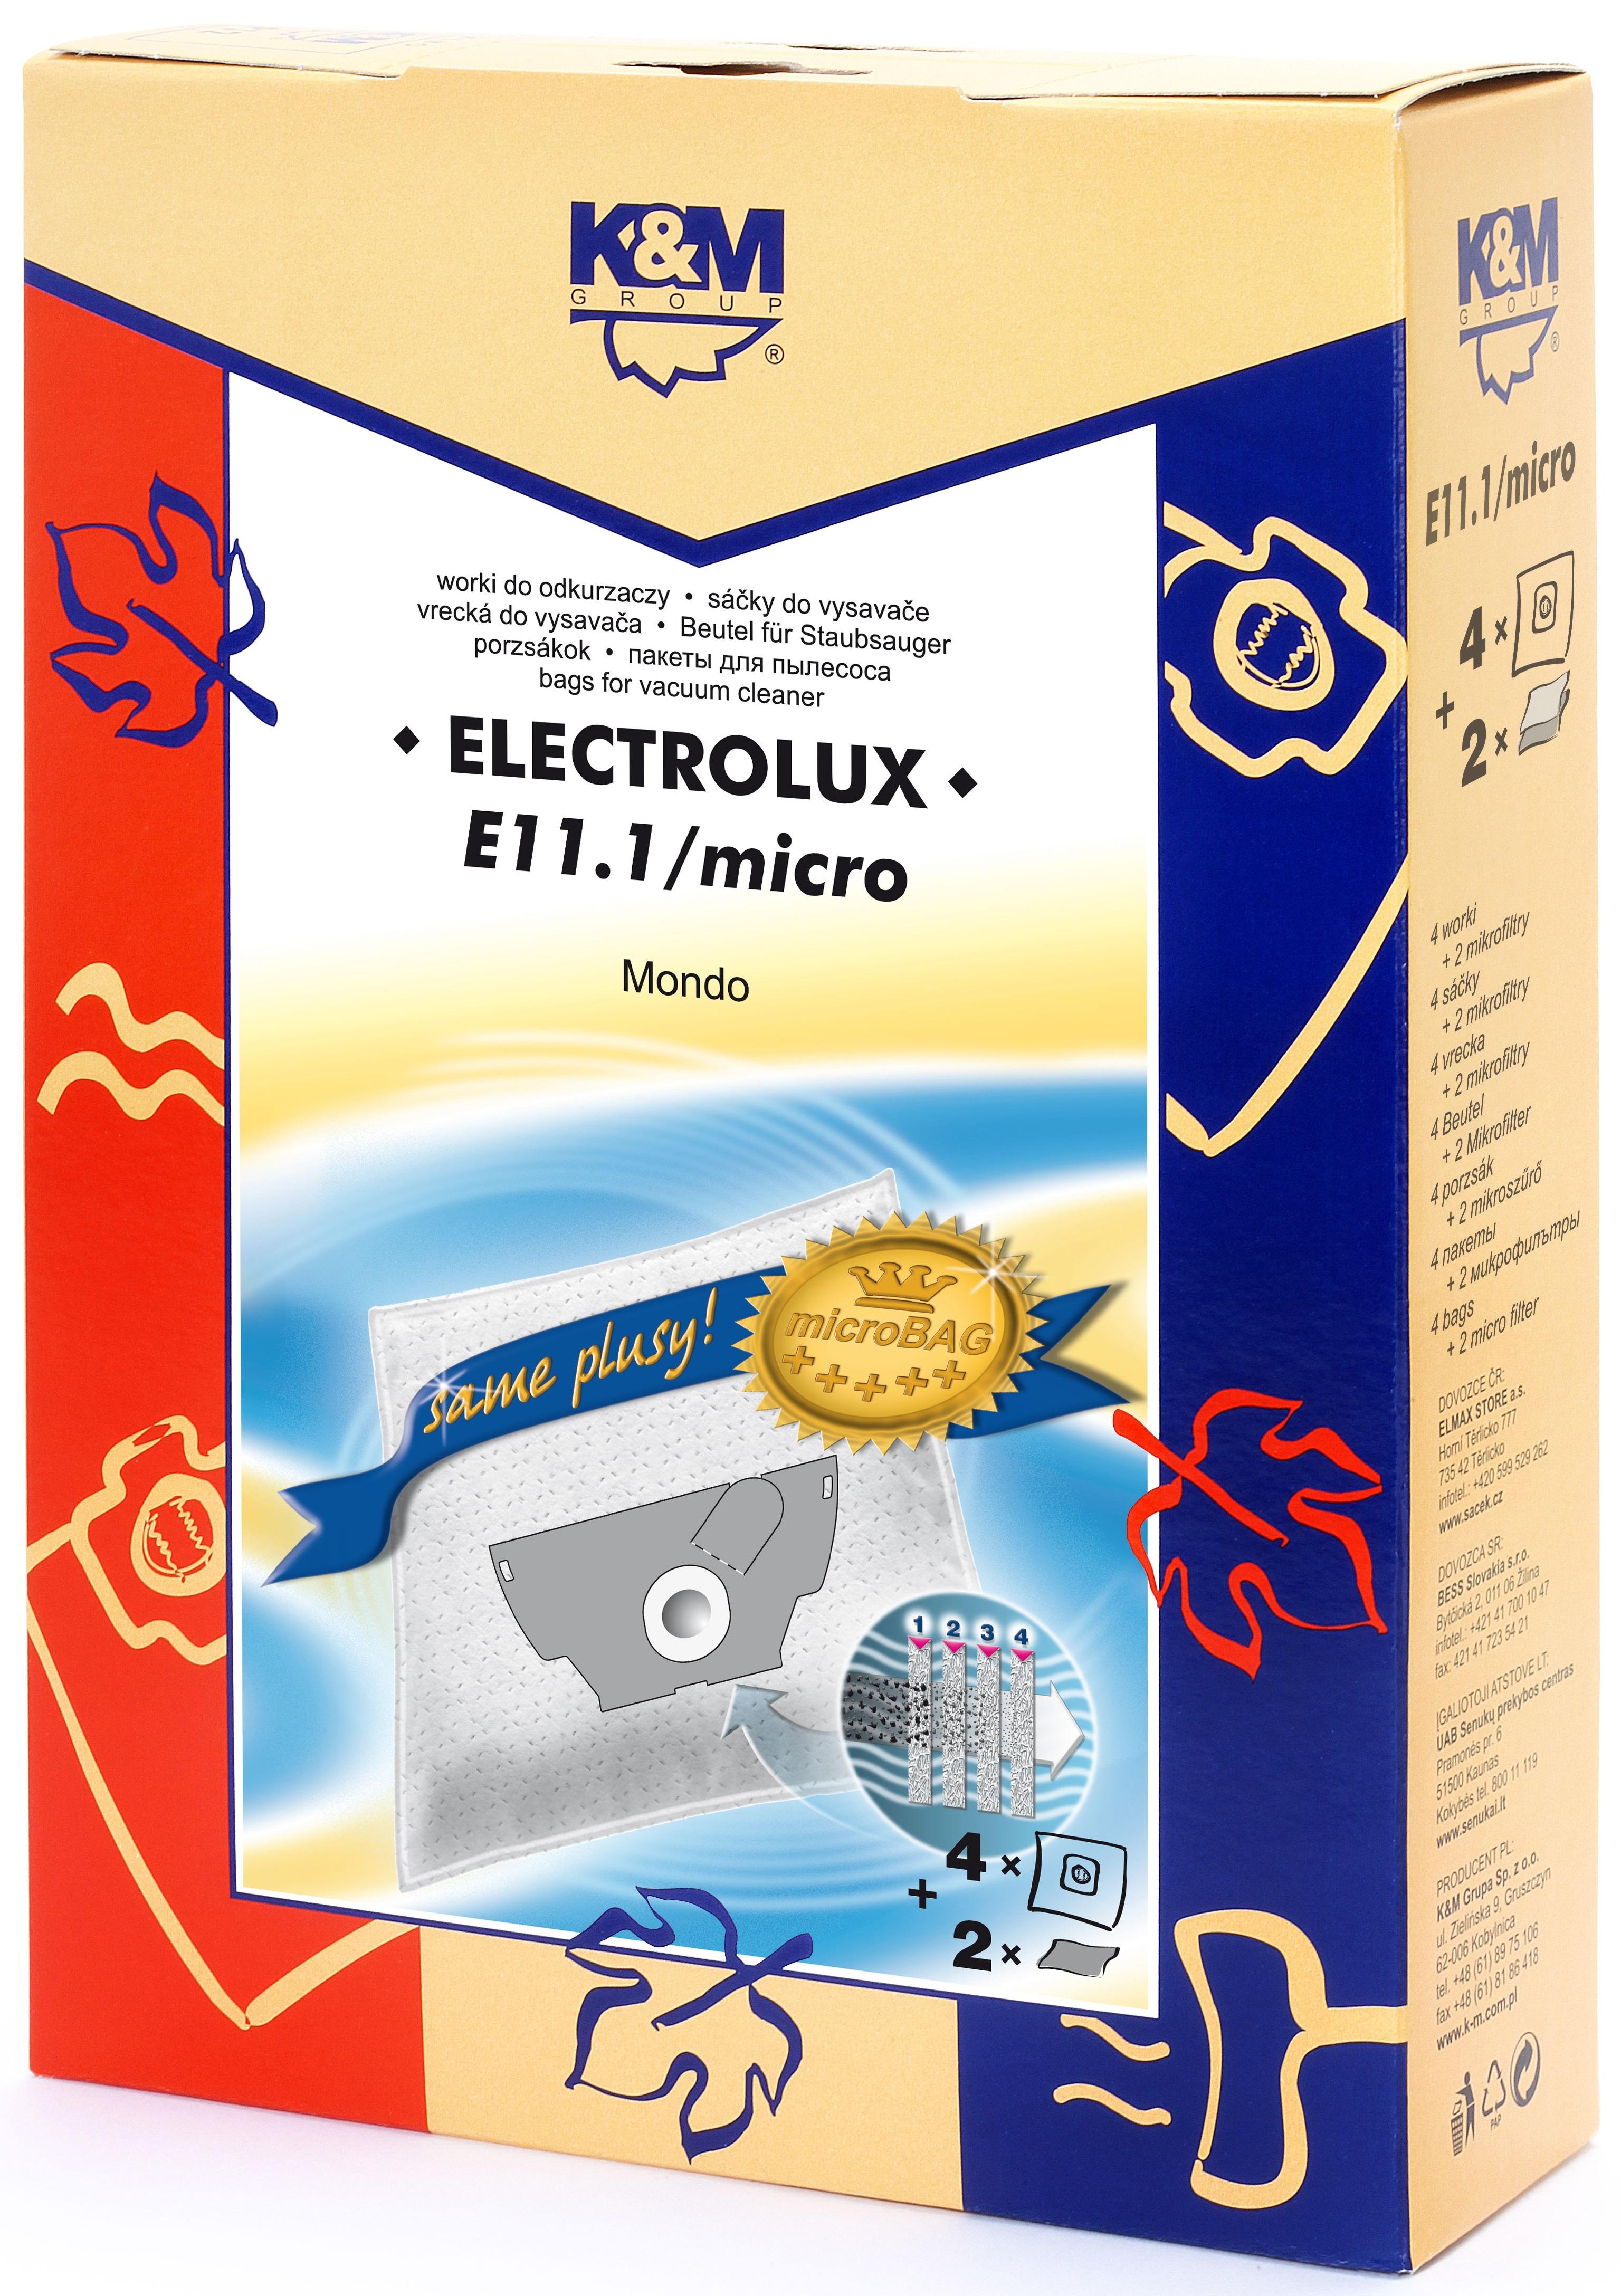 Sac aspirator Electrolux Mondo, sintetic, 4X saci + 2 filtre, KM